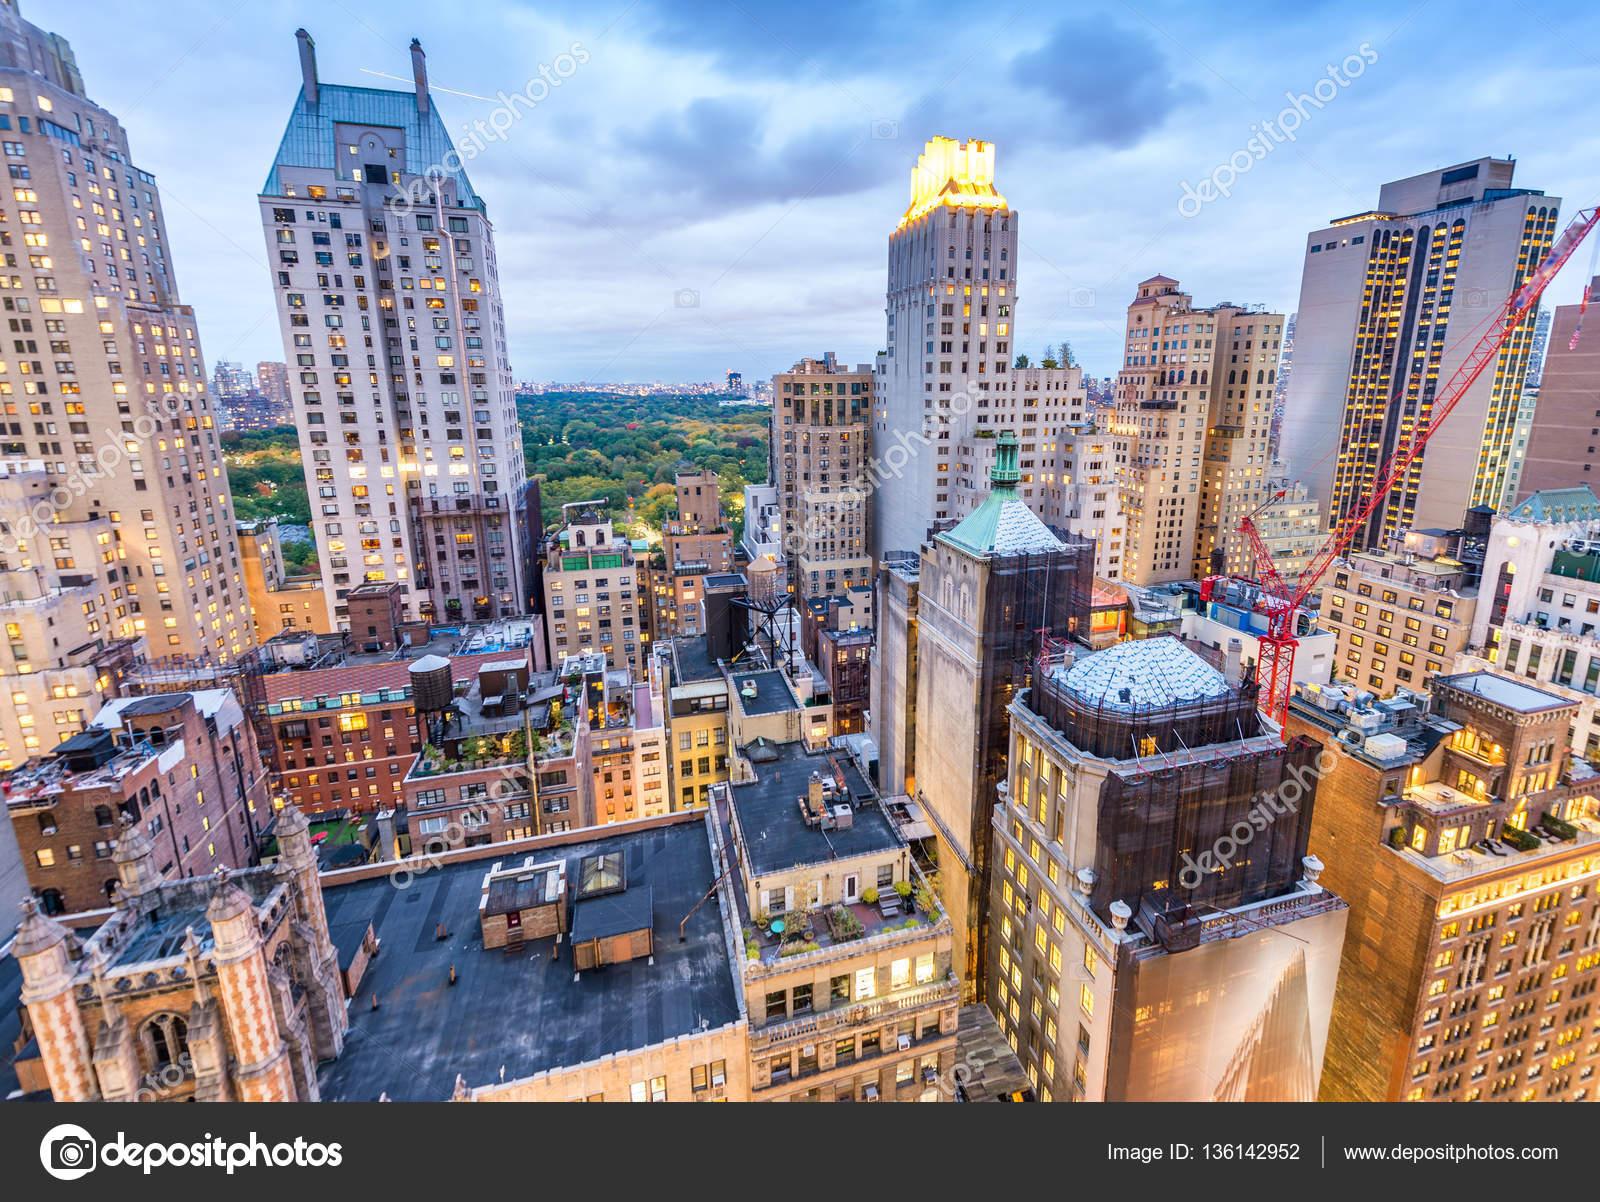 ciudad de nueva york edificios de manhattan y central park a ver puesta de sol areo u foto de jovannig